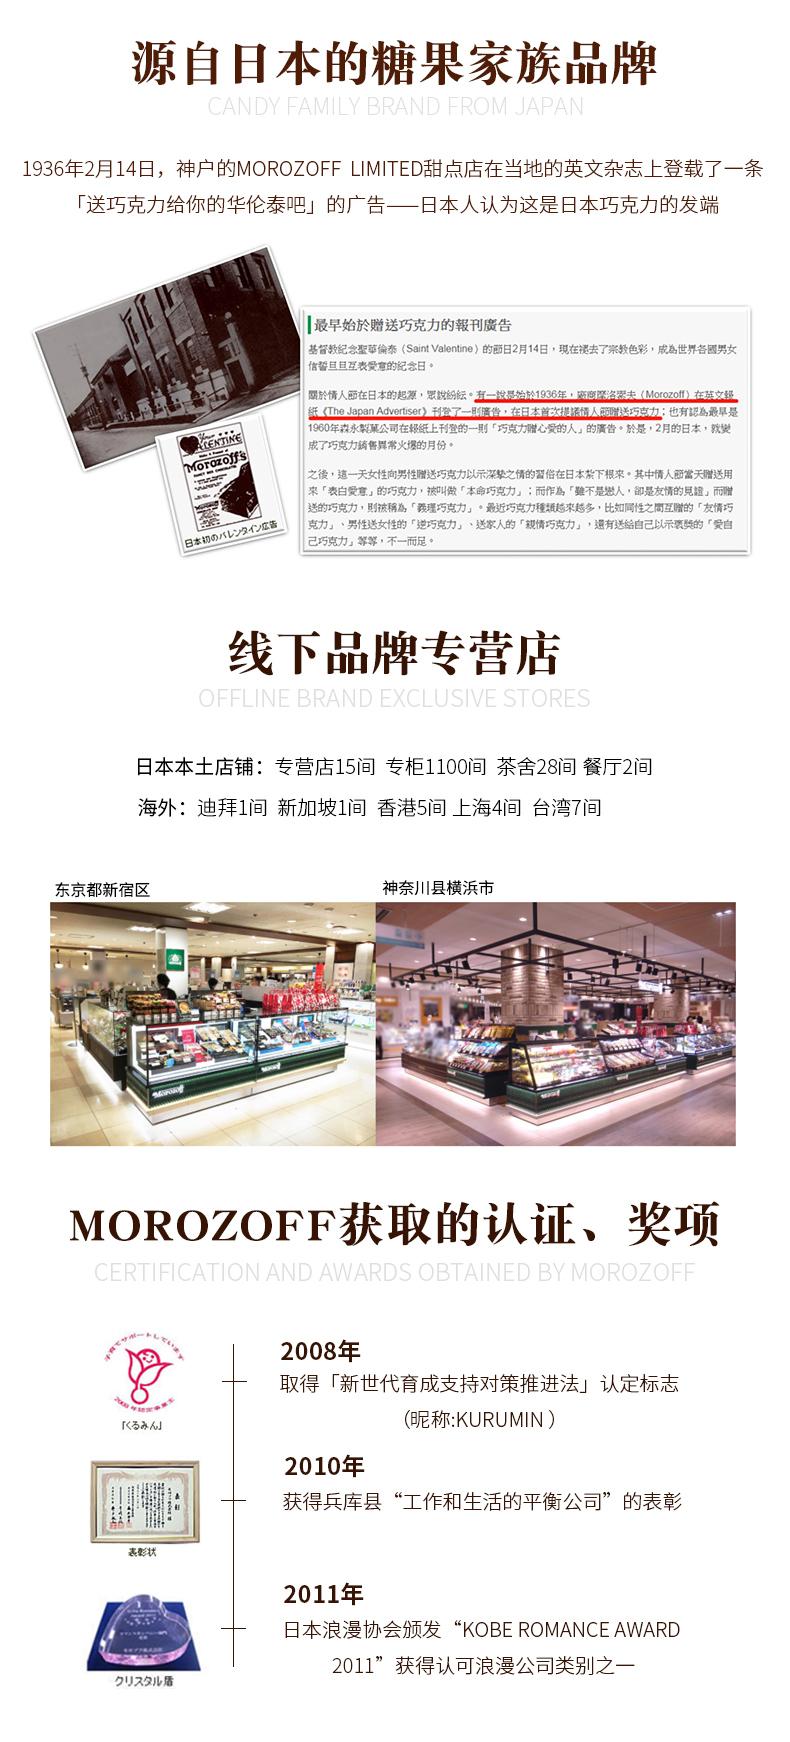 日本顶级伴手礼 摩洛索夫 Morozoff 高档牛奶巧克力礼盒 20颗 图11